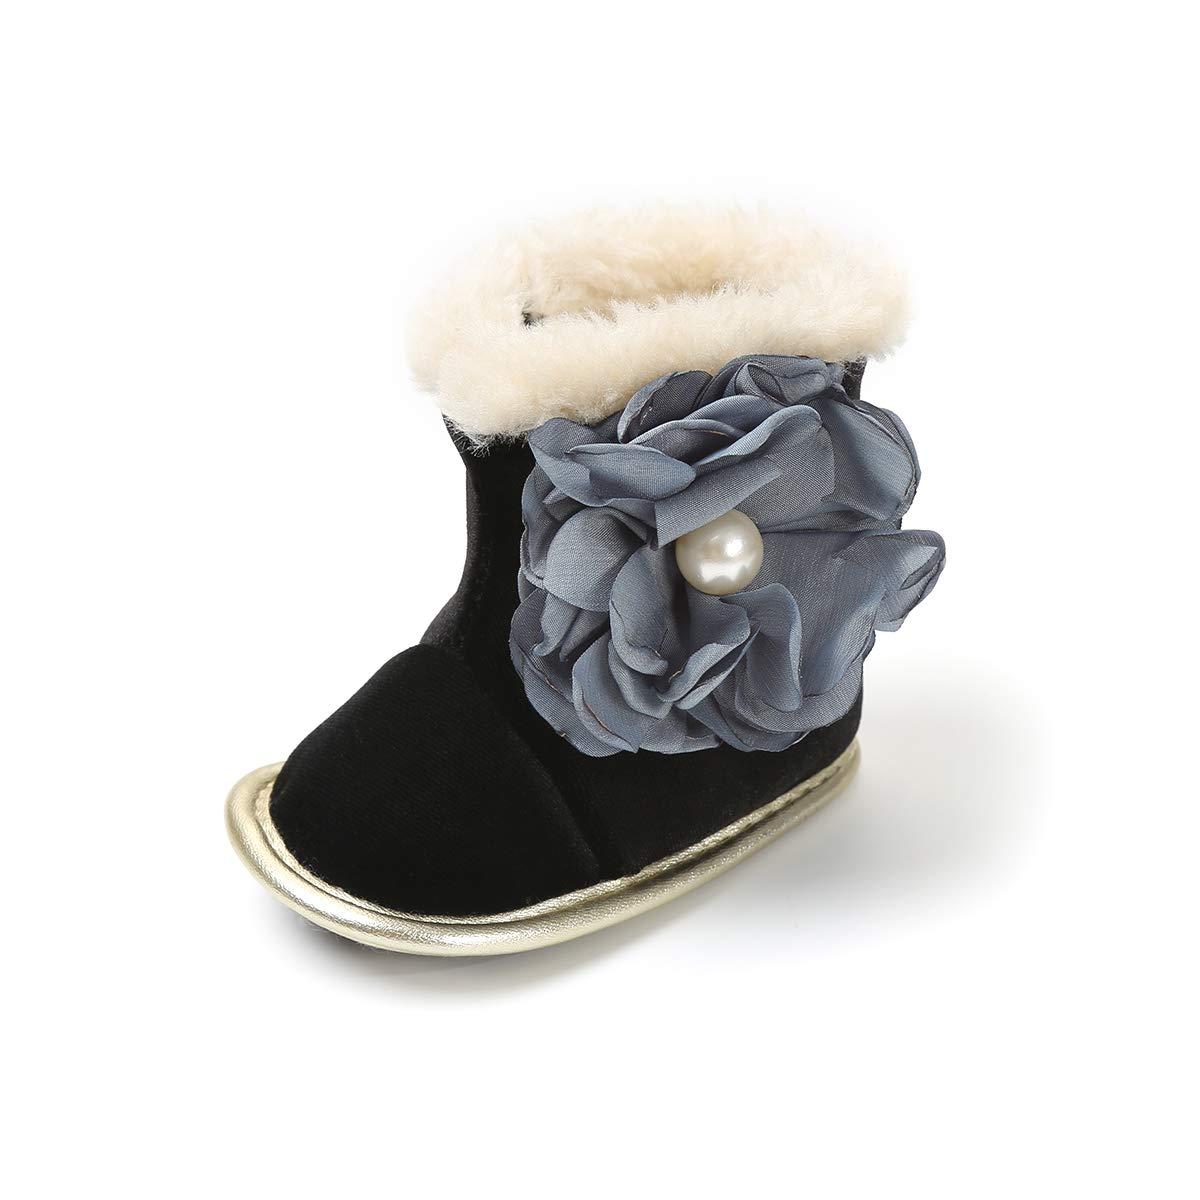 BENHERO Baby Boys Girls Premium Soft Sole Anti-Slip Warm Winter Infant Prewalker Toddler Snow Boots(11cm(0-6months),B-Black)